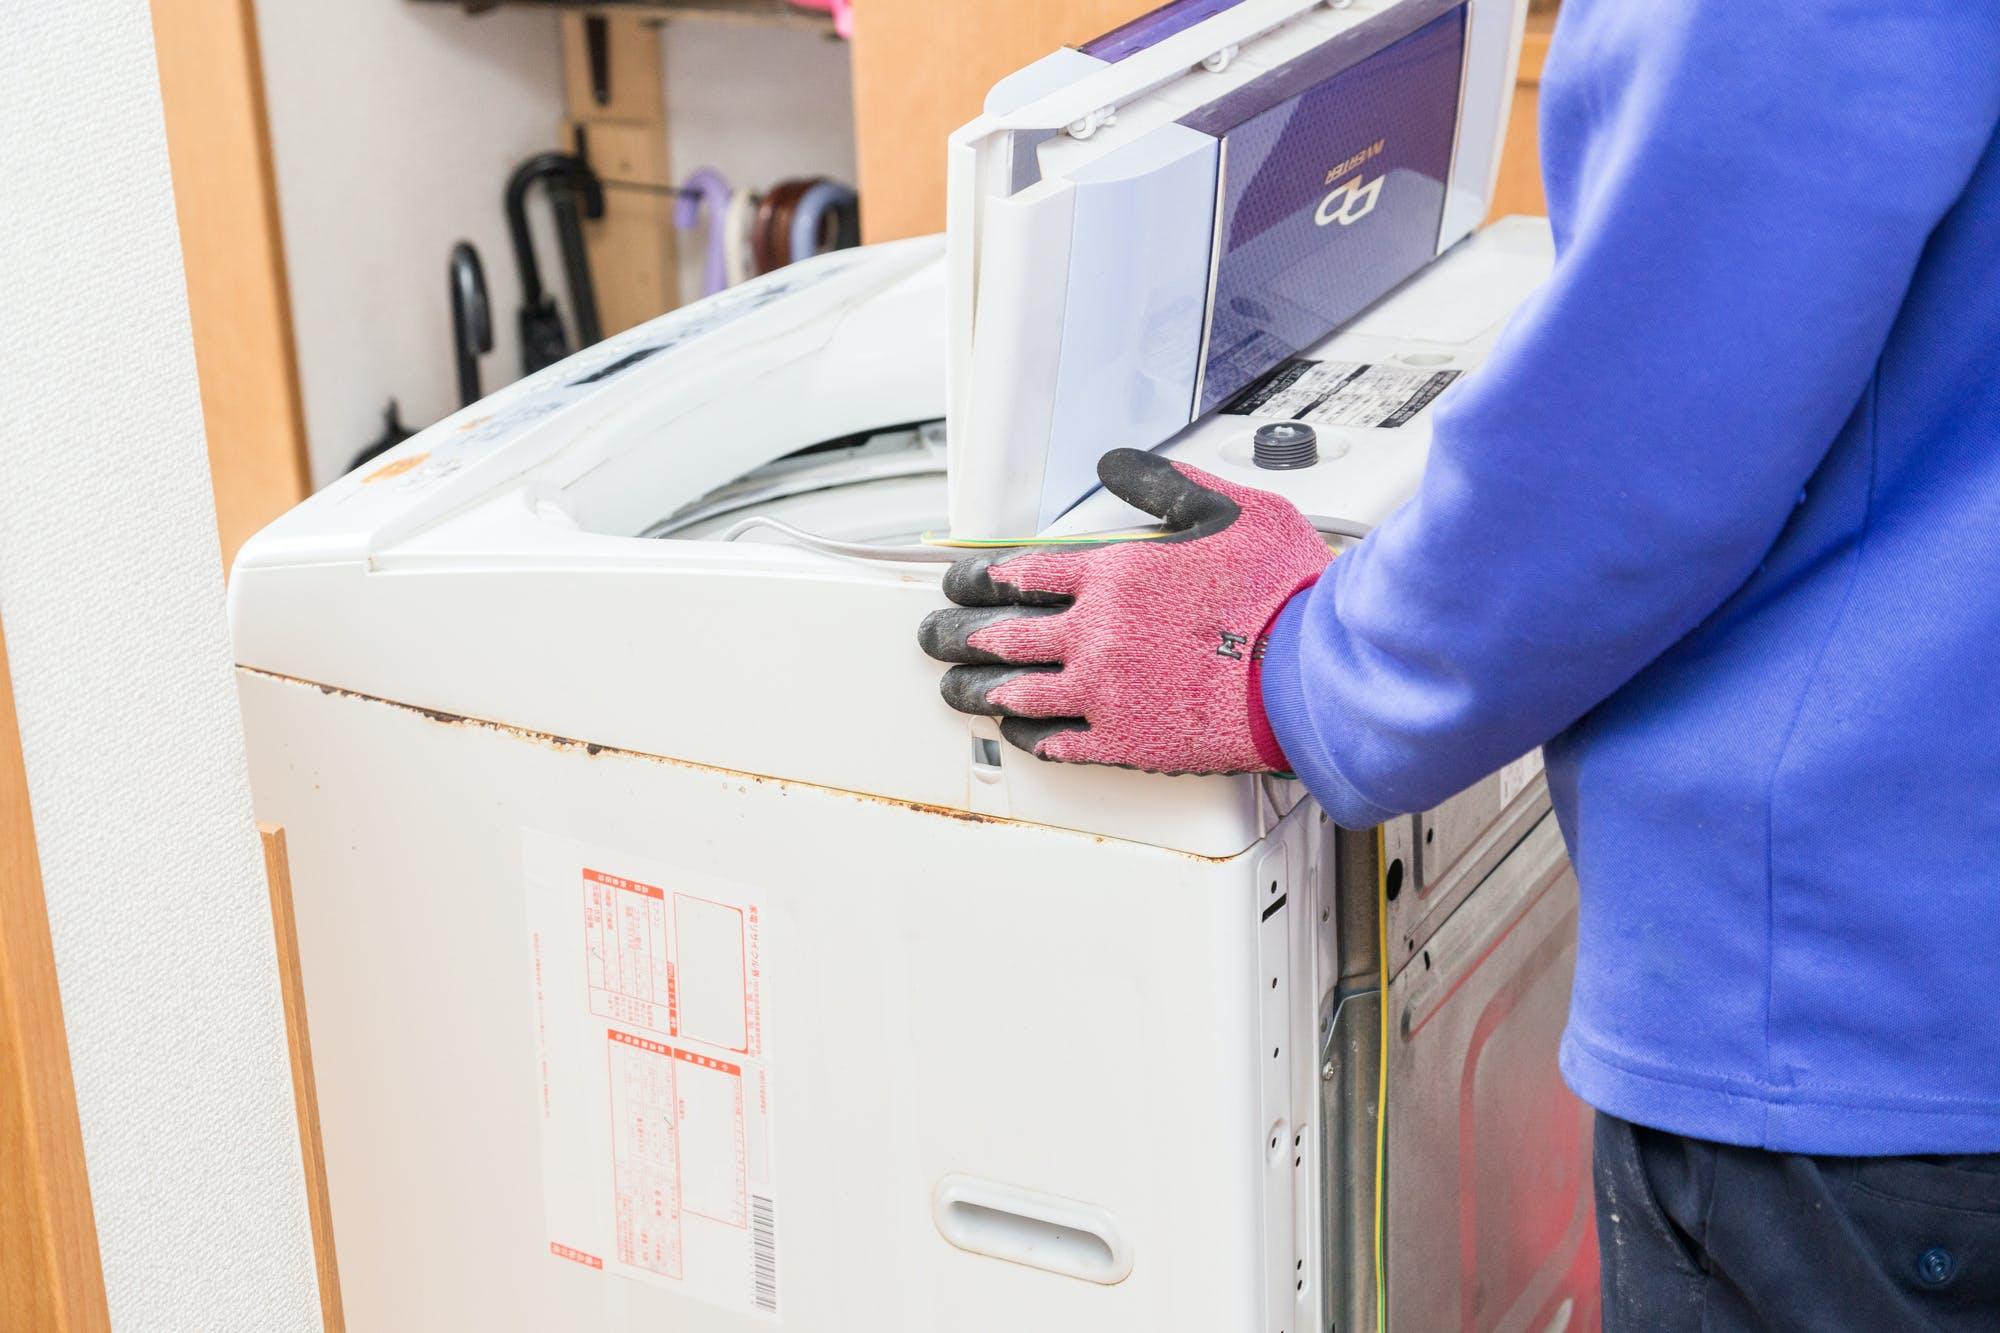 洗濯機の運び方|事前準備と引越し時の運び方の注意点を解説! - ミツモア